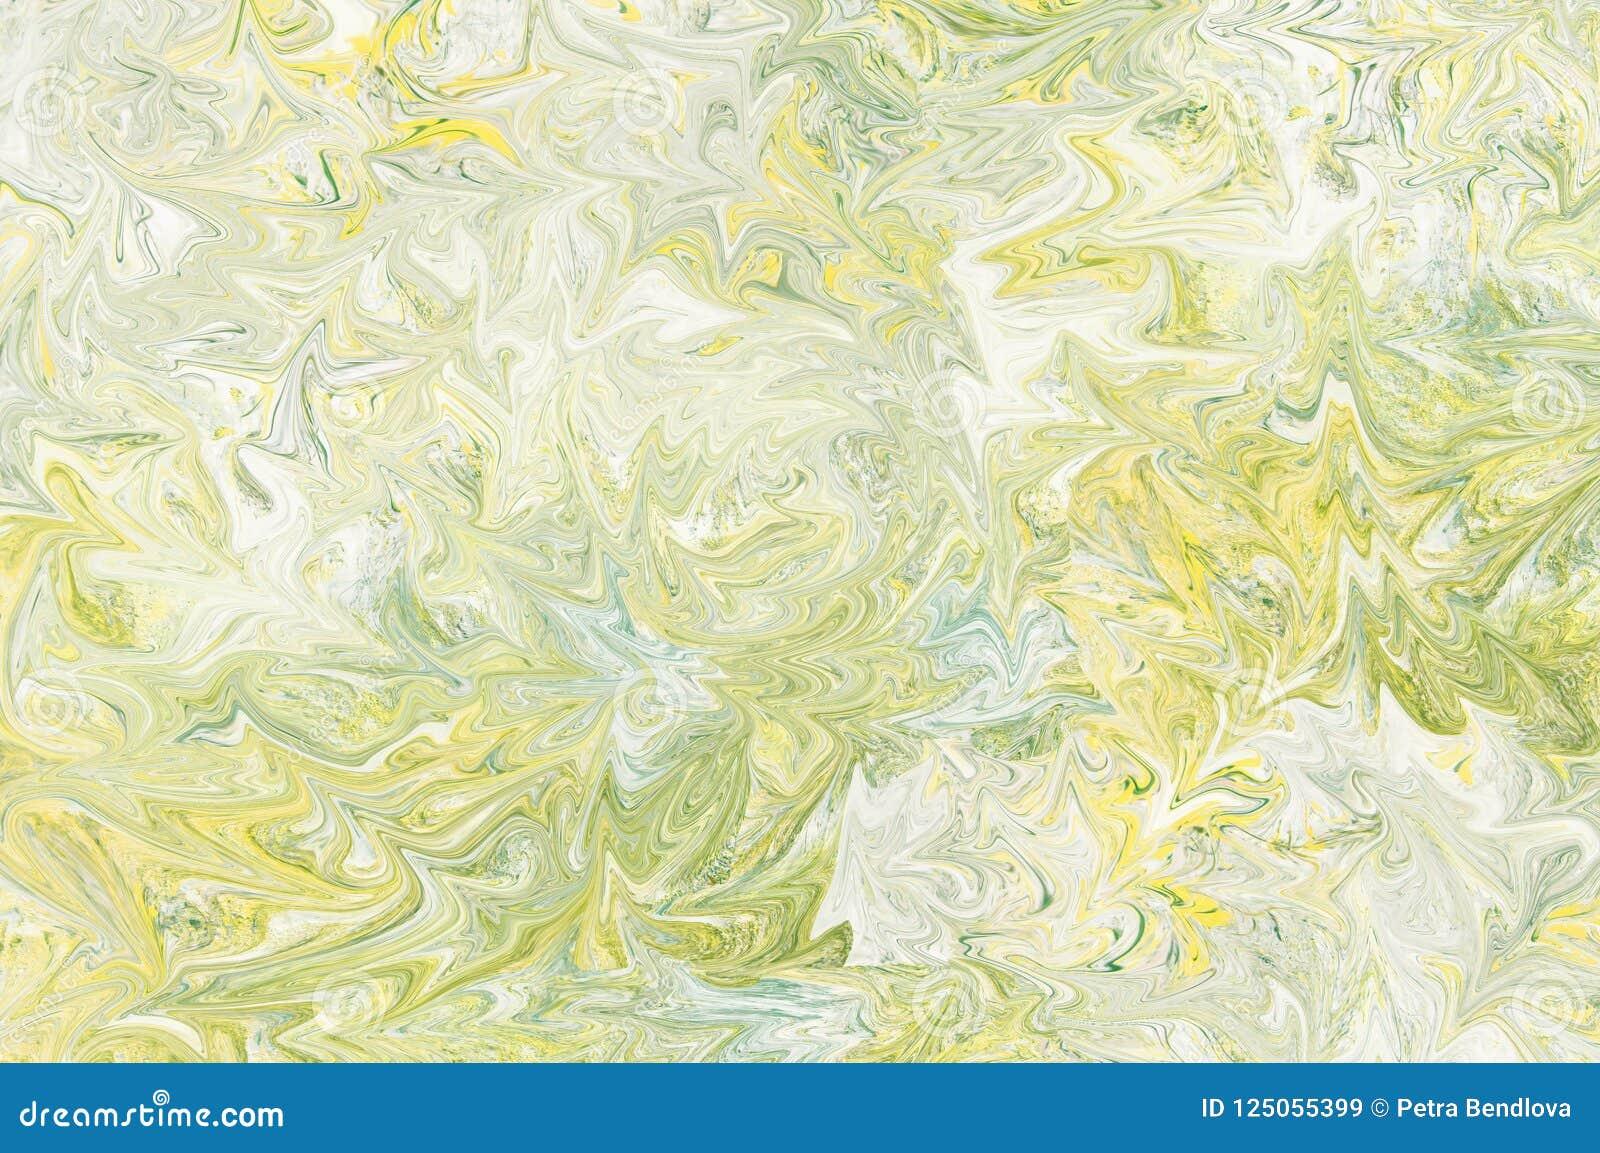 Fond Jaune Bleu Clair Et Vert Gris Dabrégé Sur Peinture Liquide